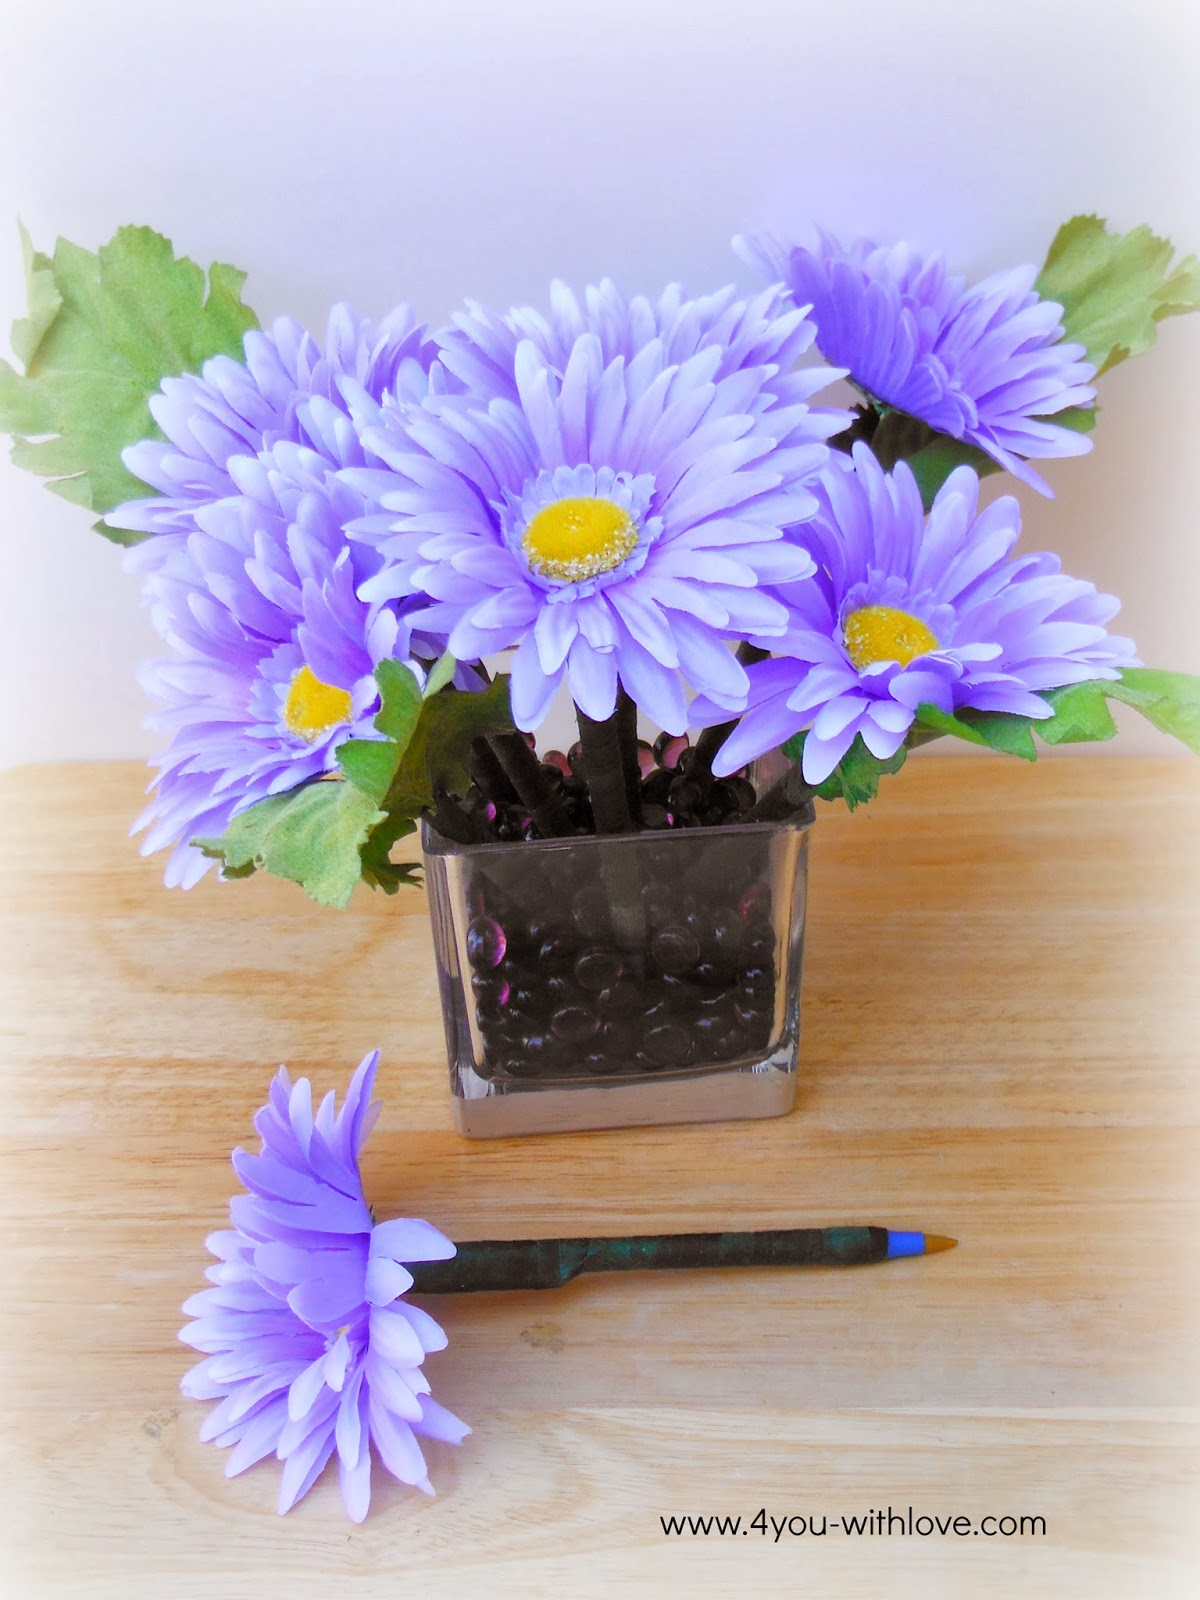 flower pen bouquet watermark